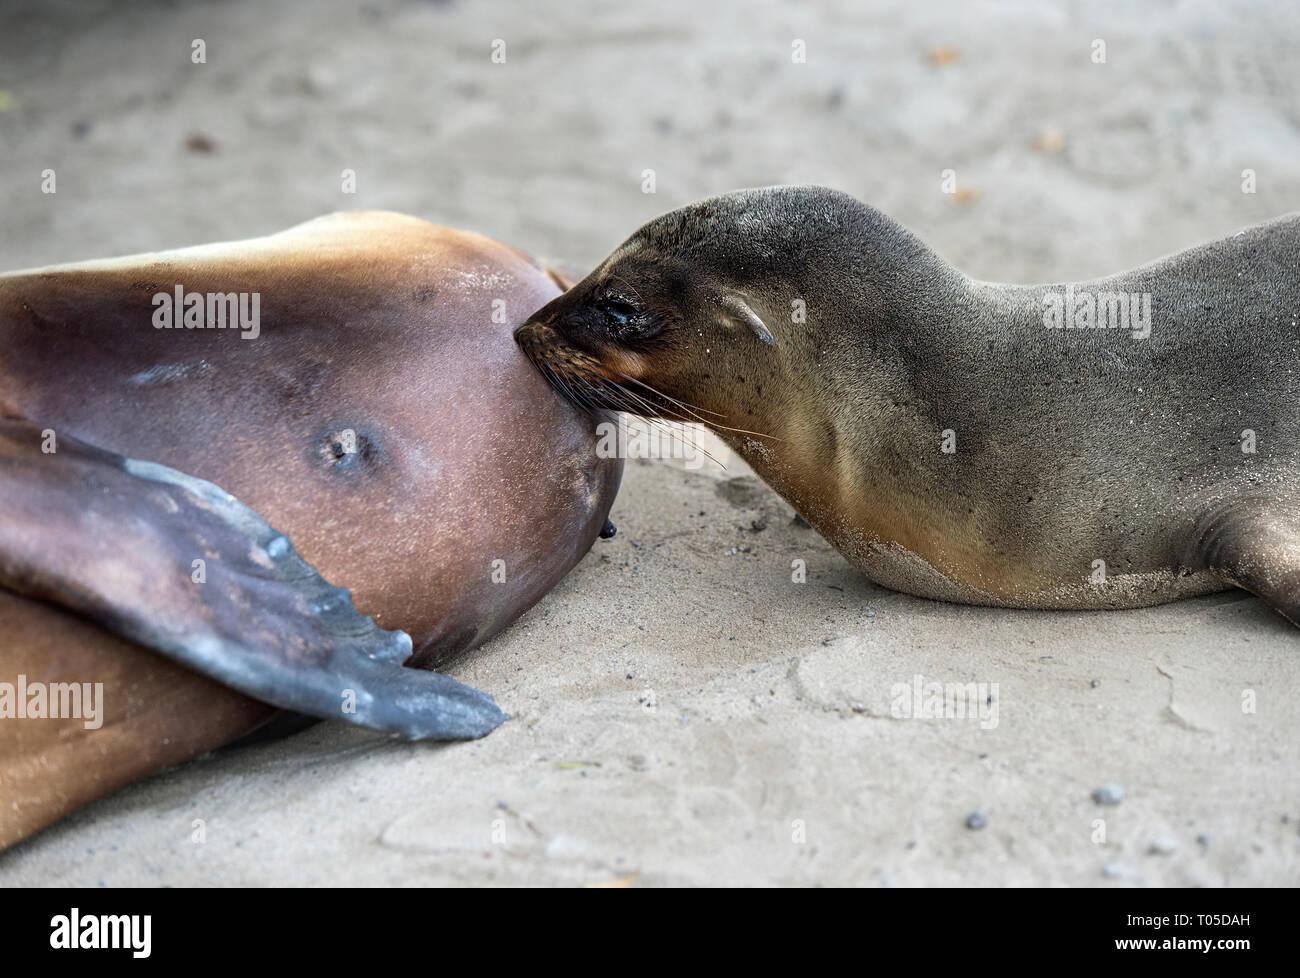 Cachorro de lobo de mar de Galápagos (Zalophus wollebaeki) el cochinillo, sellos del oído (familia Otariidae), de la isla Isabela, Islas Galápagos, Ecuador Foto de stock